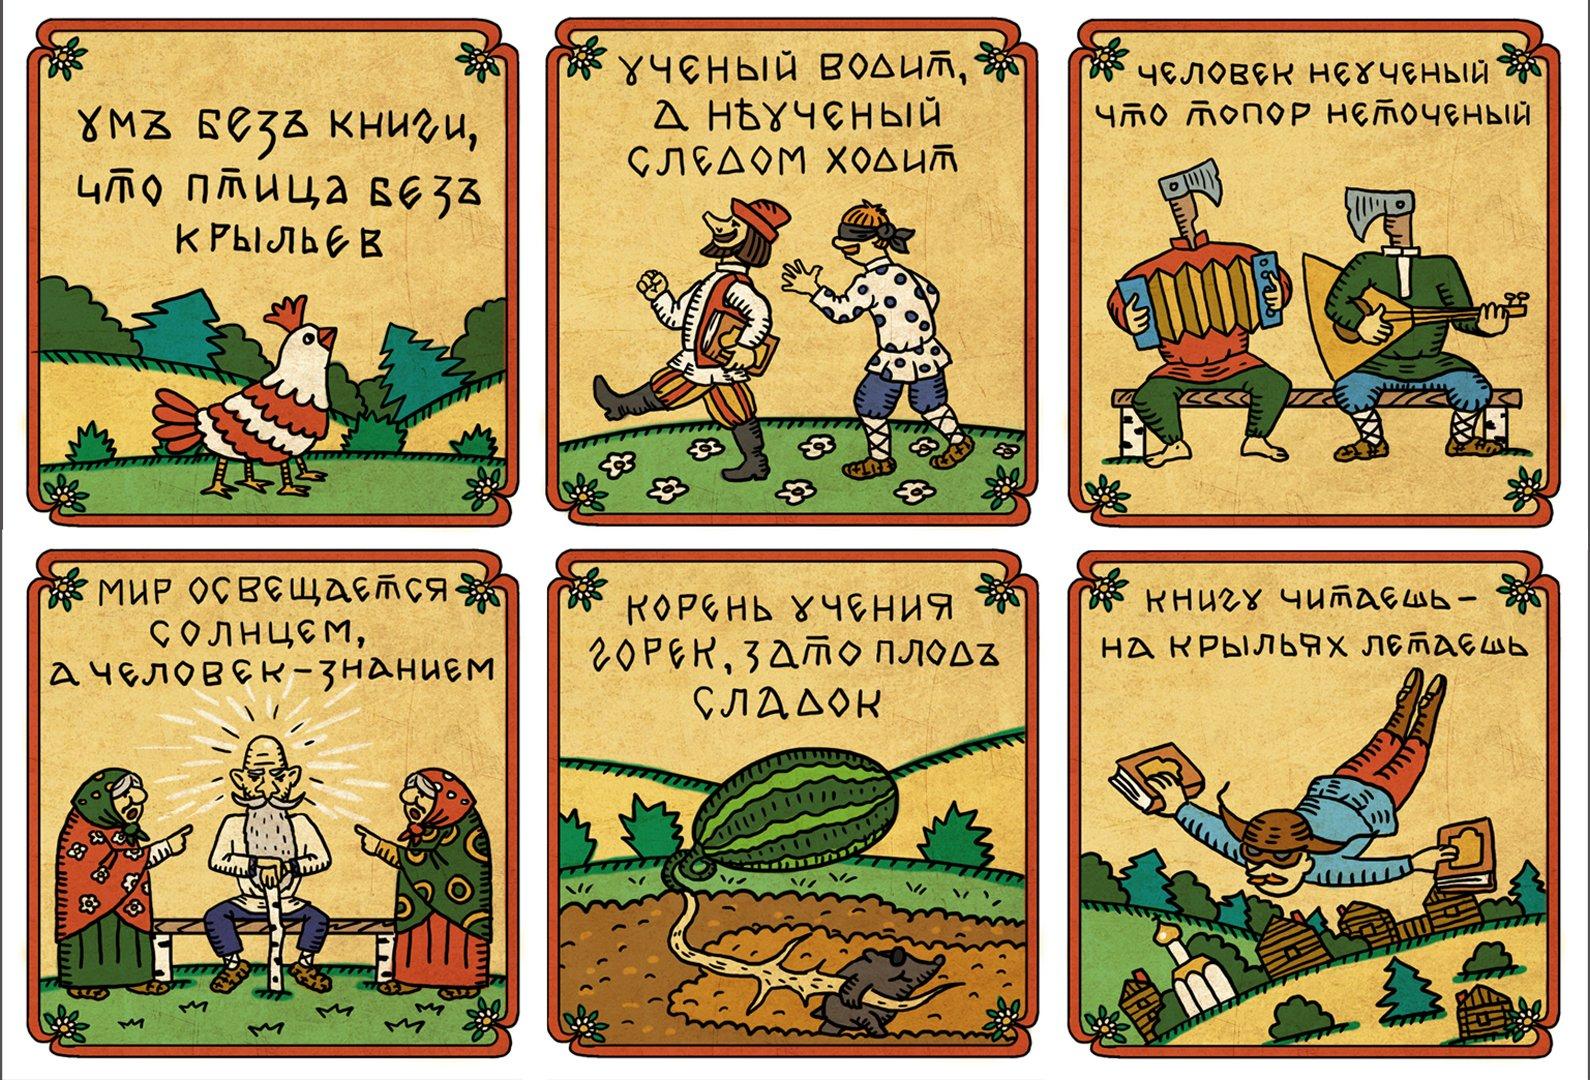 Иллюстрации о пословицах